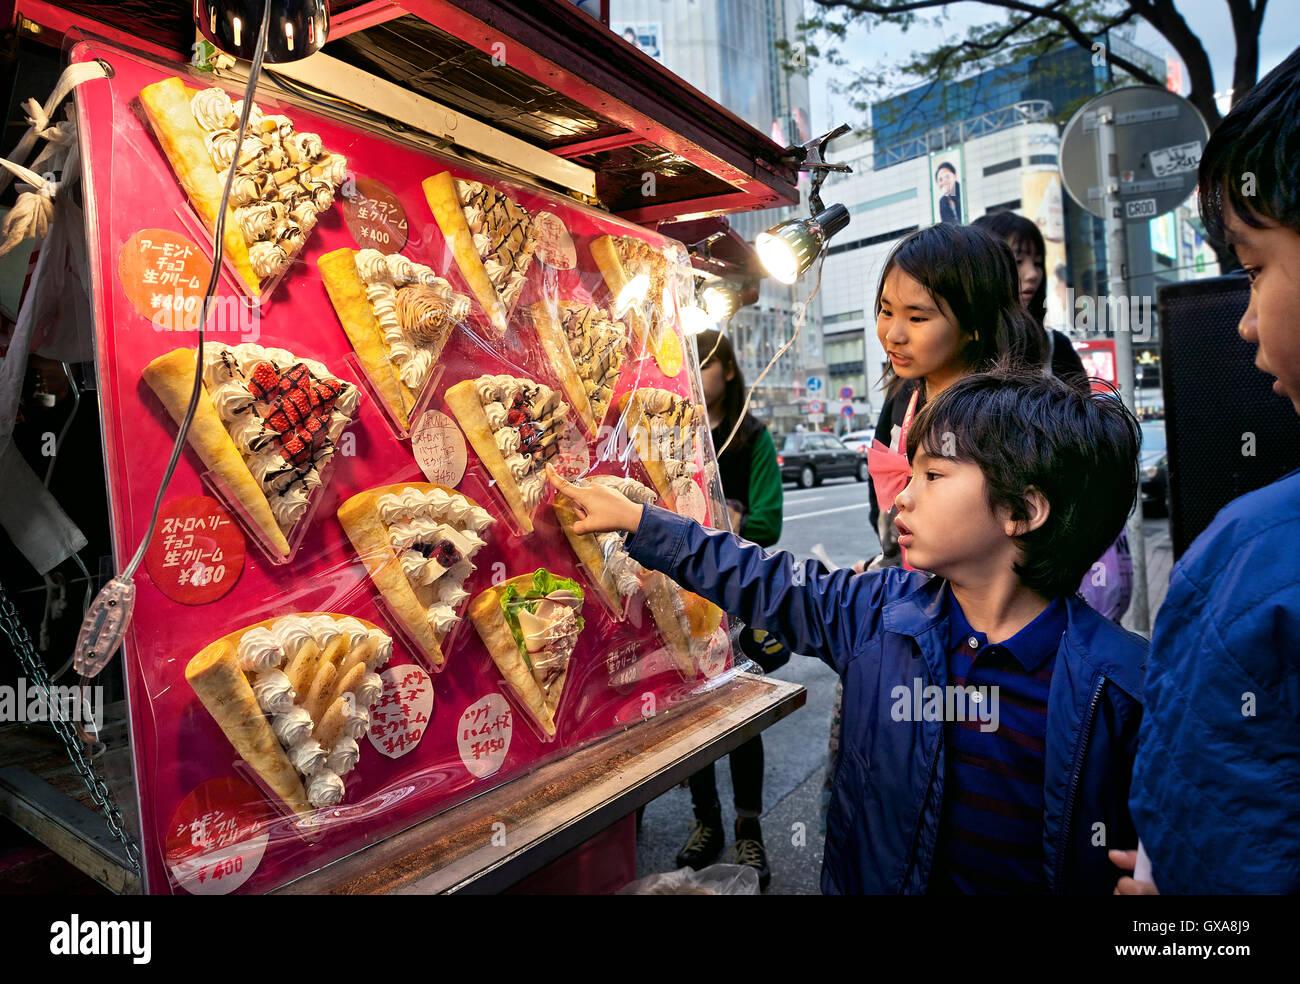 Japan, Honshu island, Kanto, Tokyo, children choosing pancakes. - Stock Image